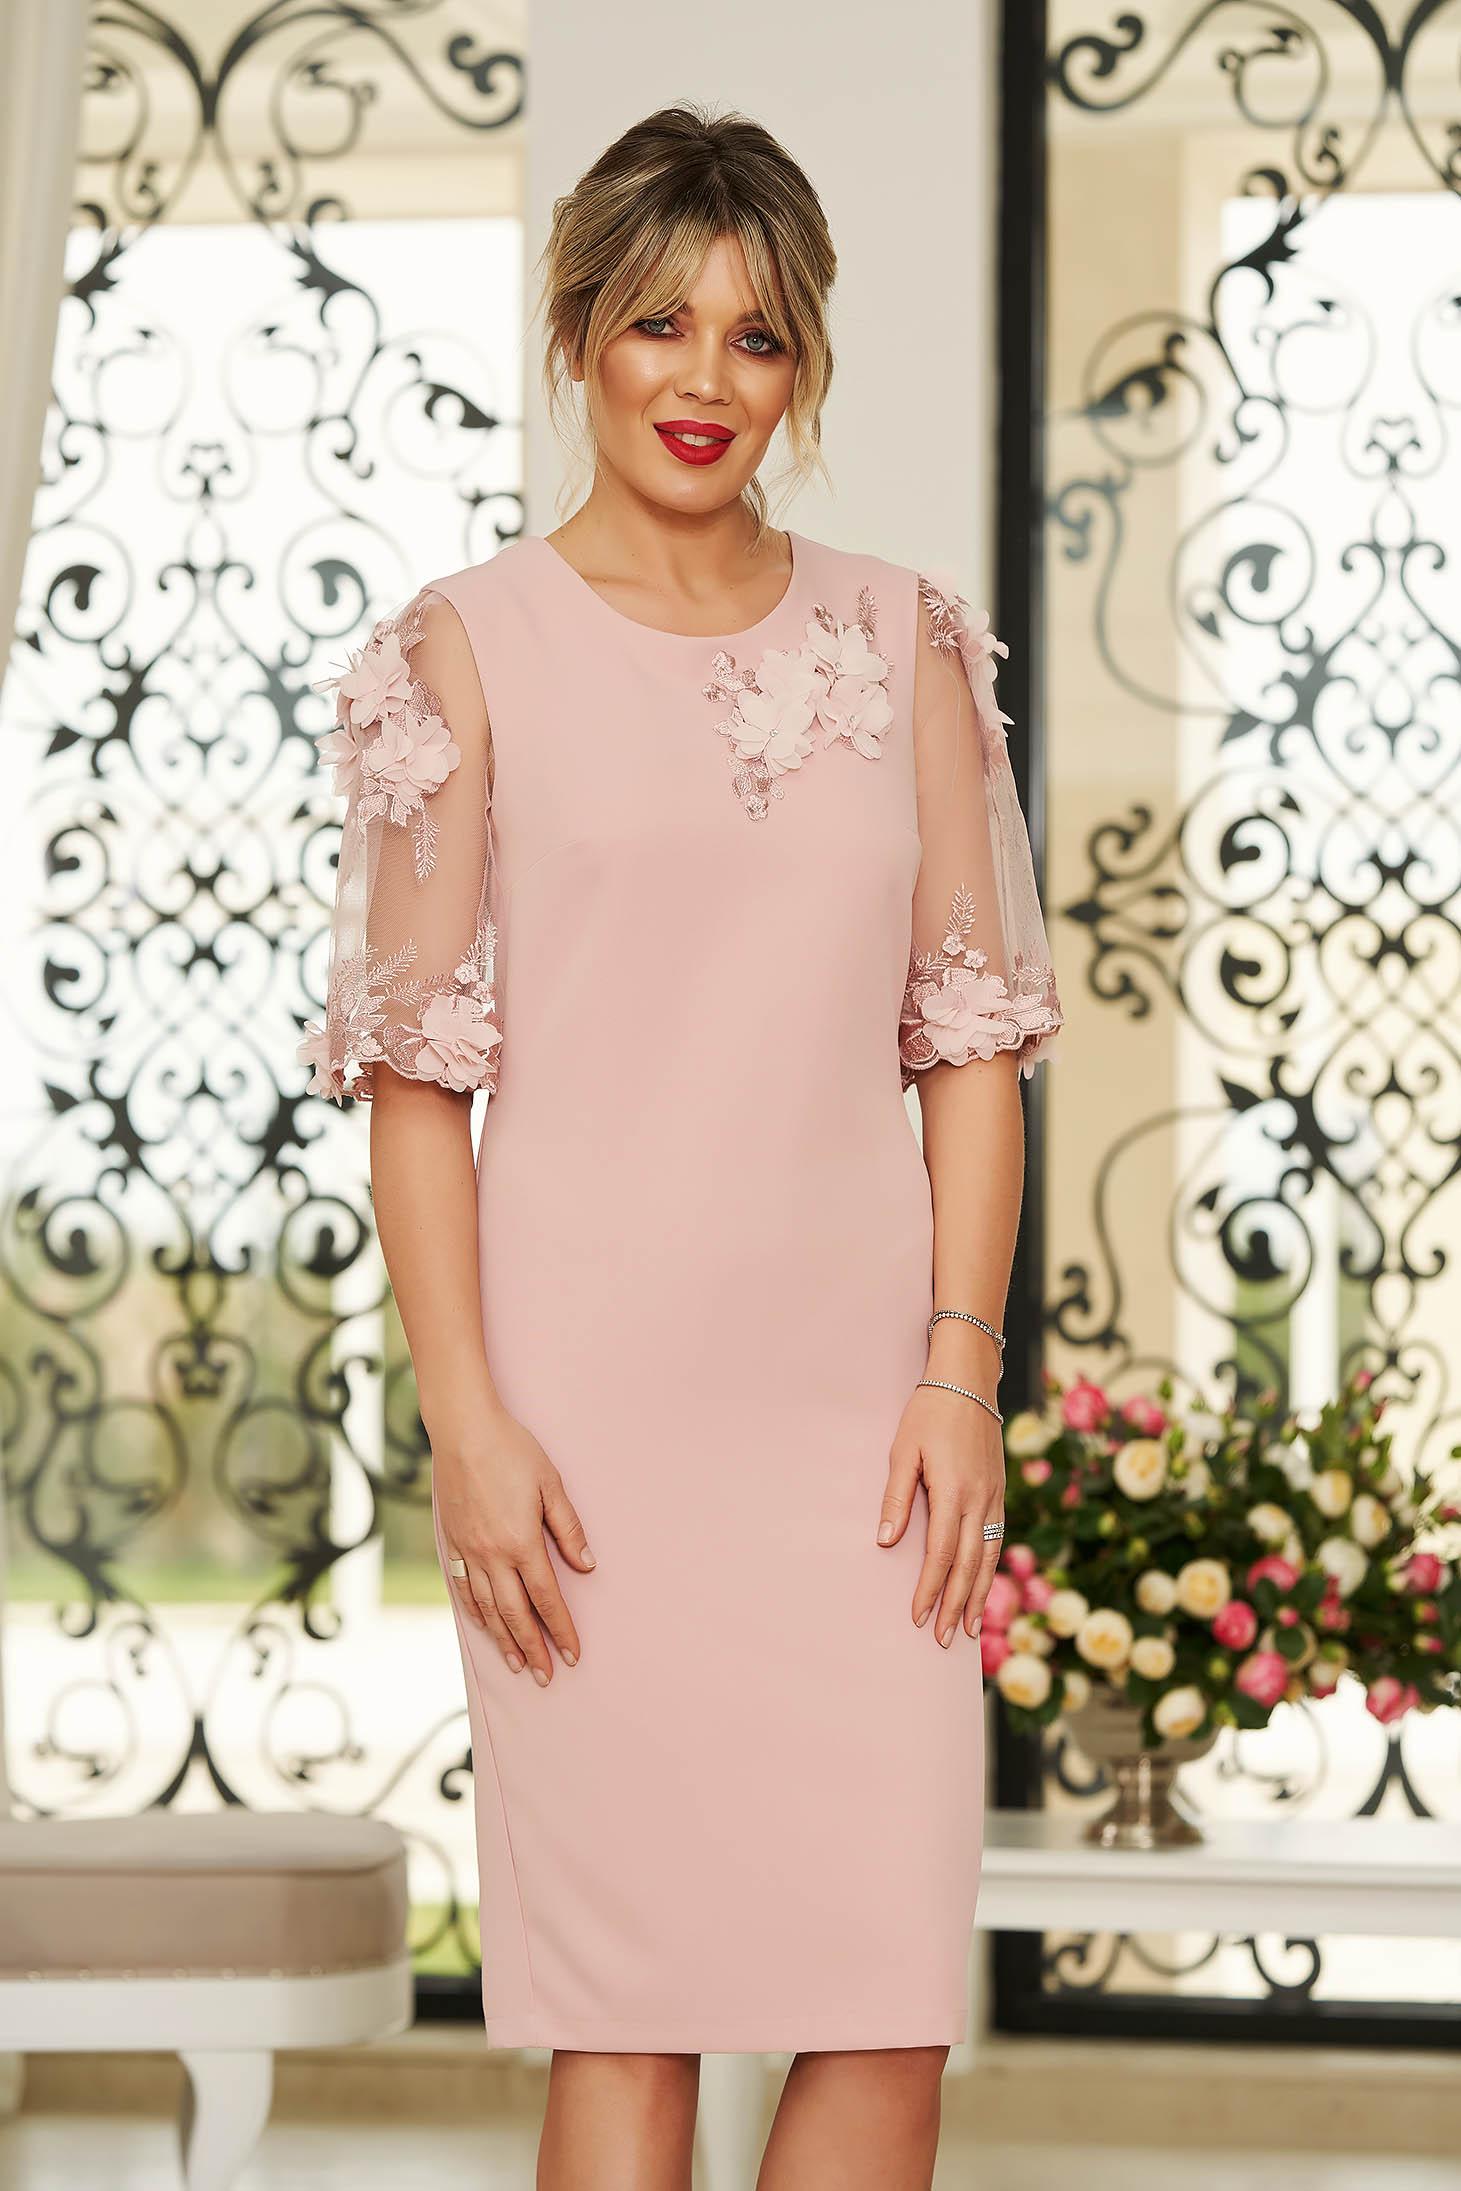 Rochie StarShinerS roz deschis eleganta midi cu un croi mulat din stofa usor elastica cu aplicatii cu pietre strass cu aplicatii florale detalii handmade